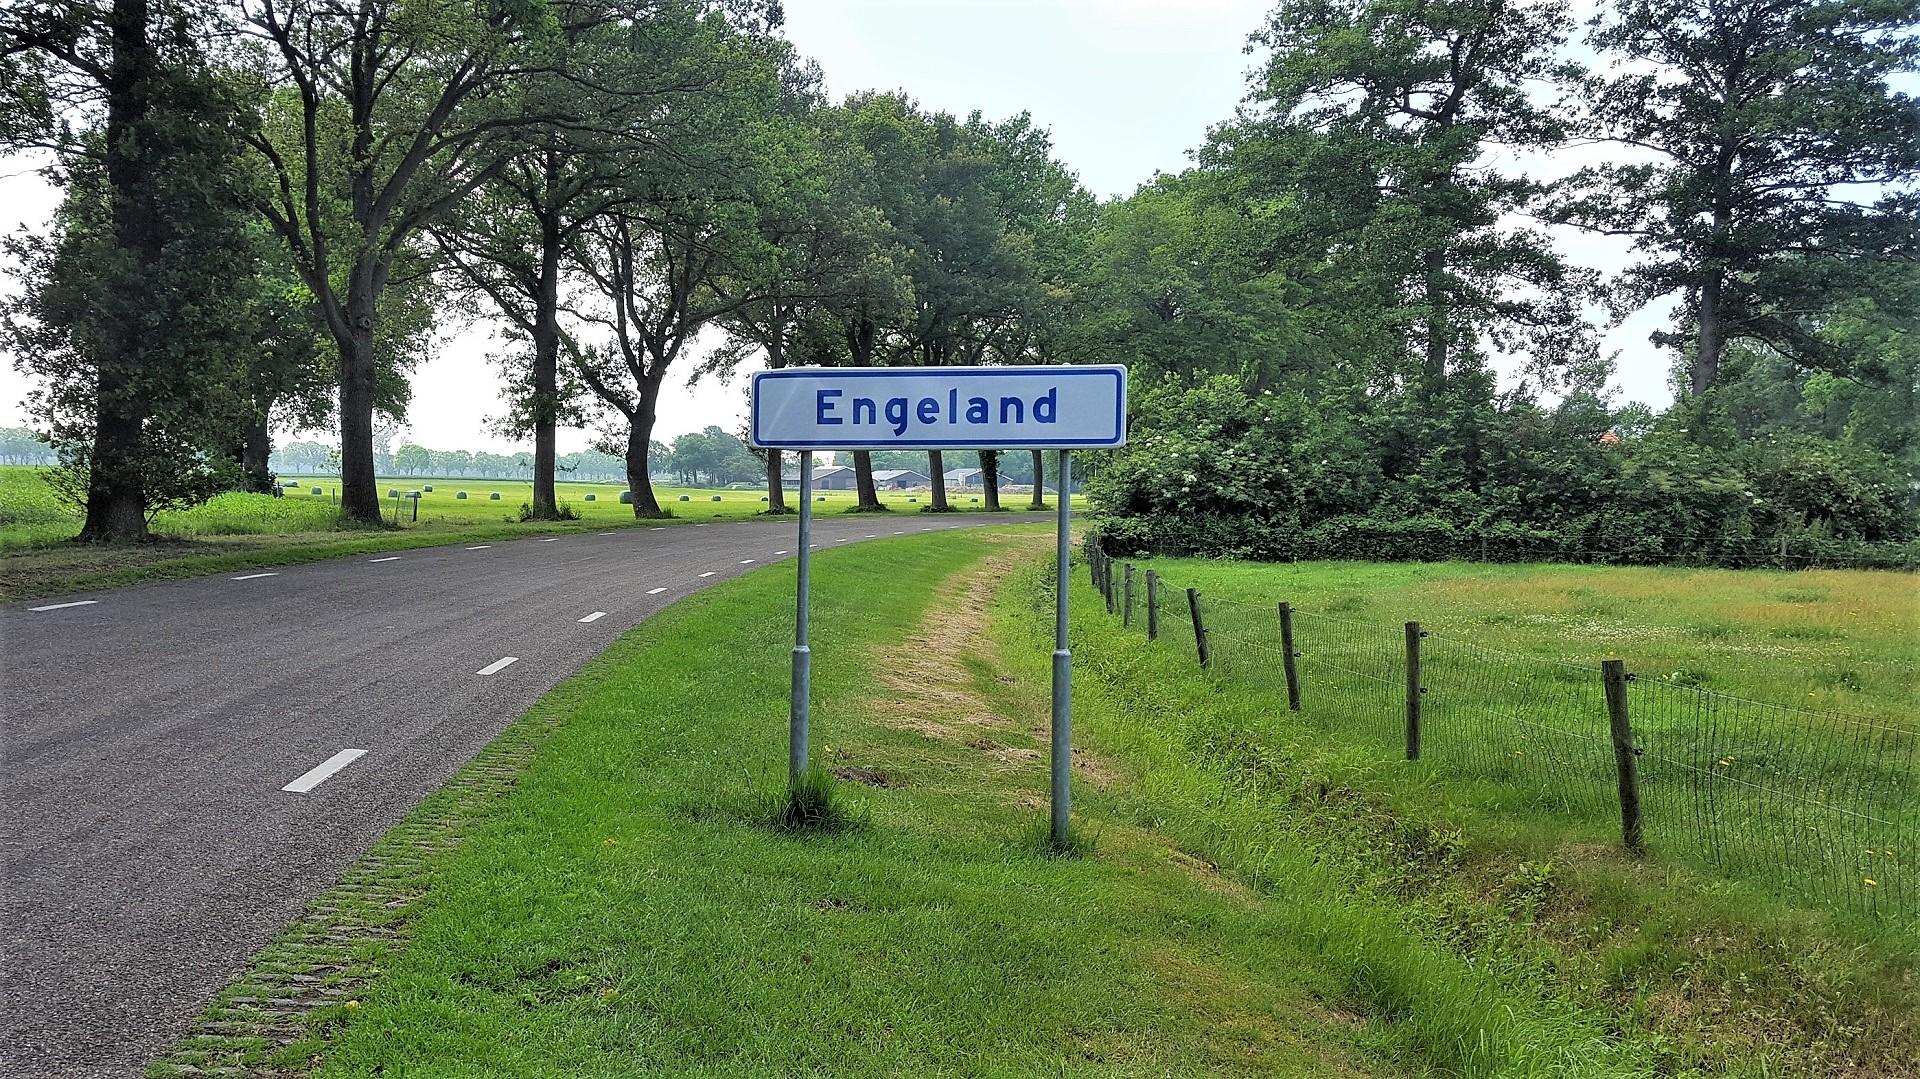 Engeland in Overijssel